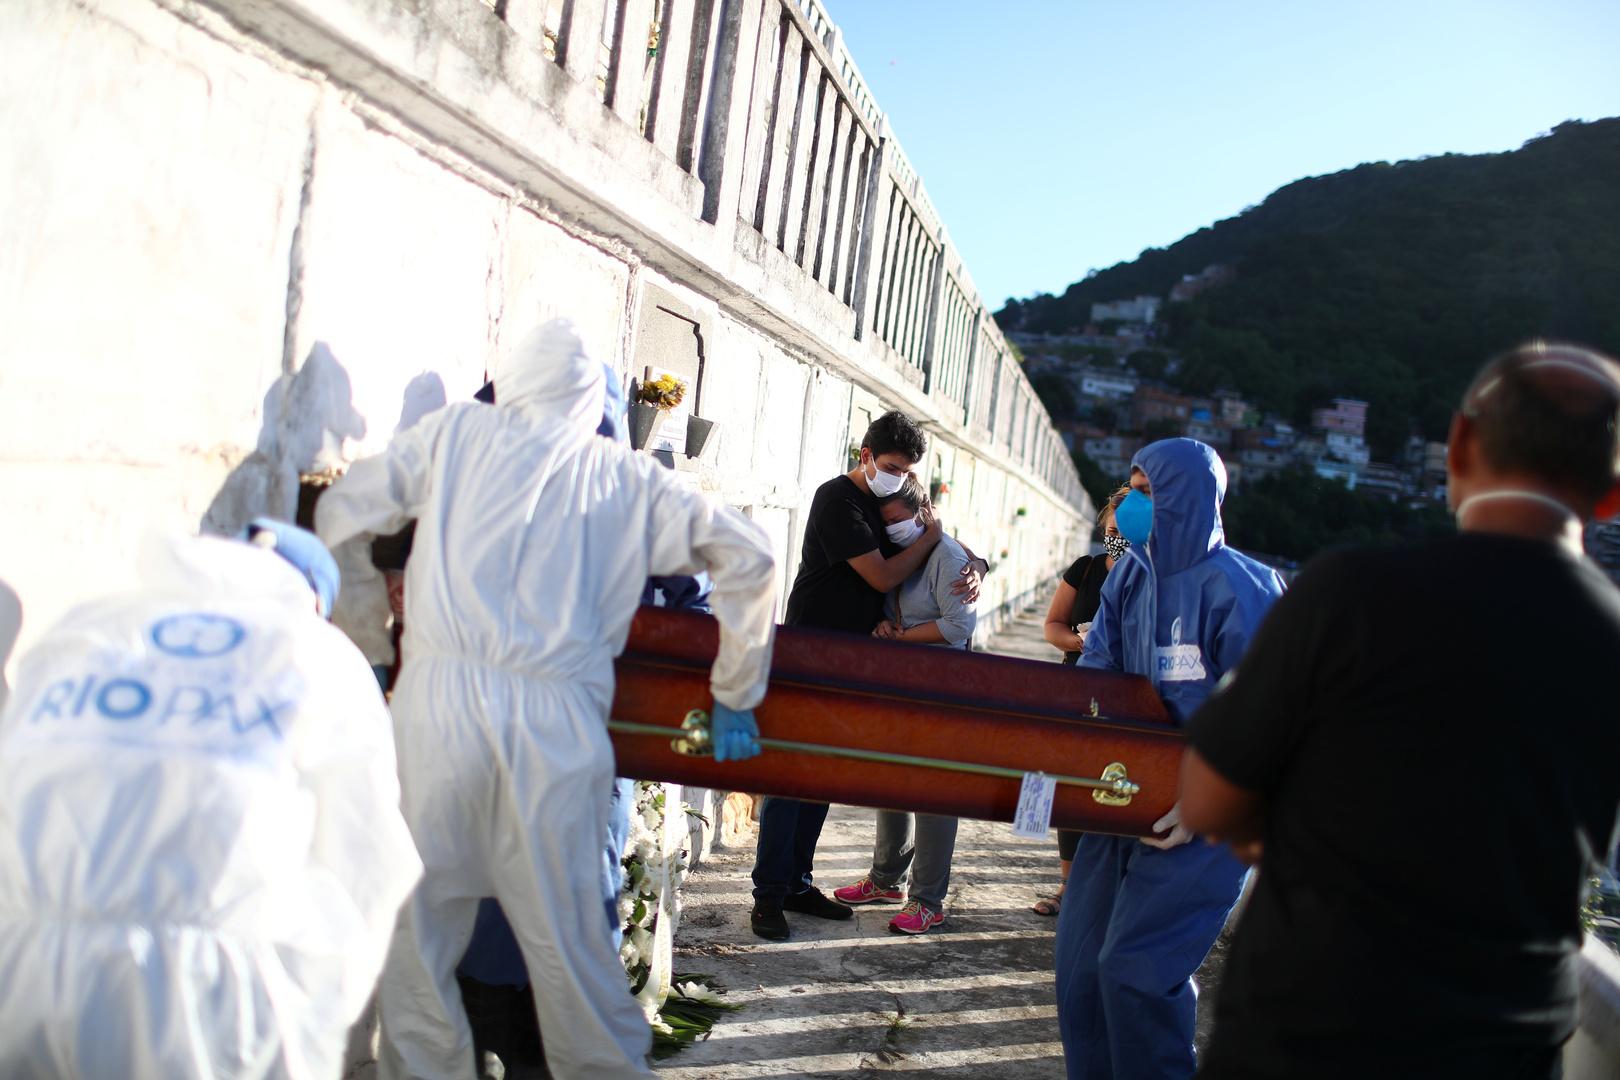 ارتفاع حاد في عدد الوفيات بفيروس كورونا في البرازيل